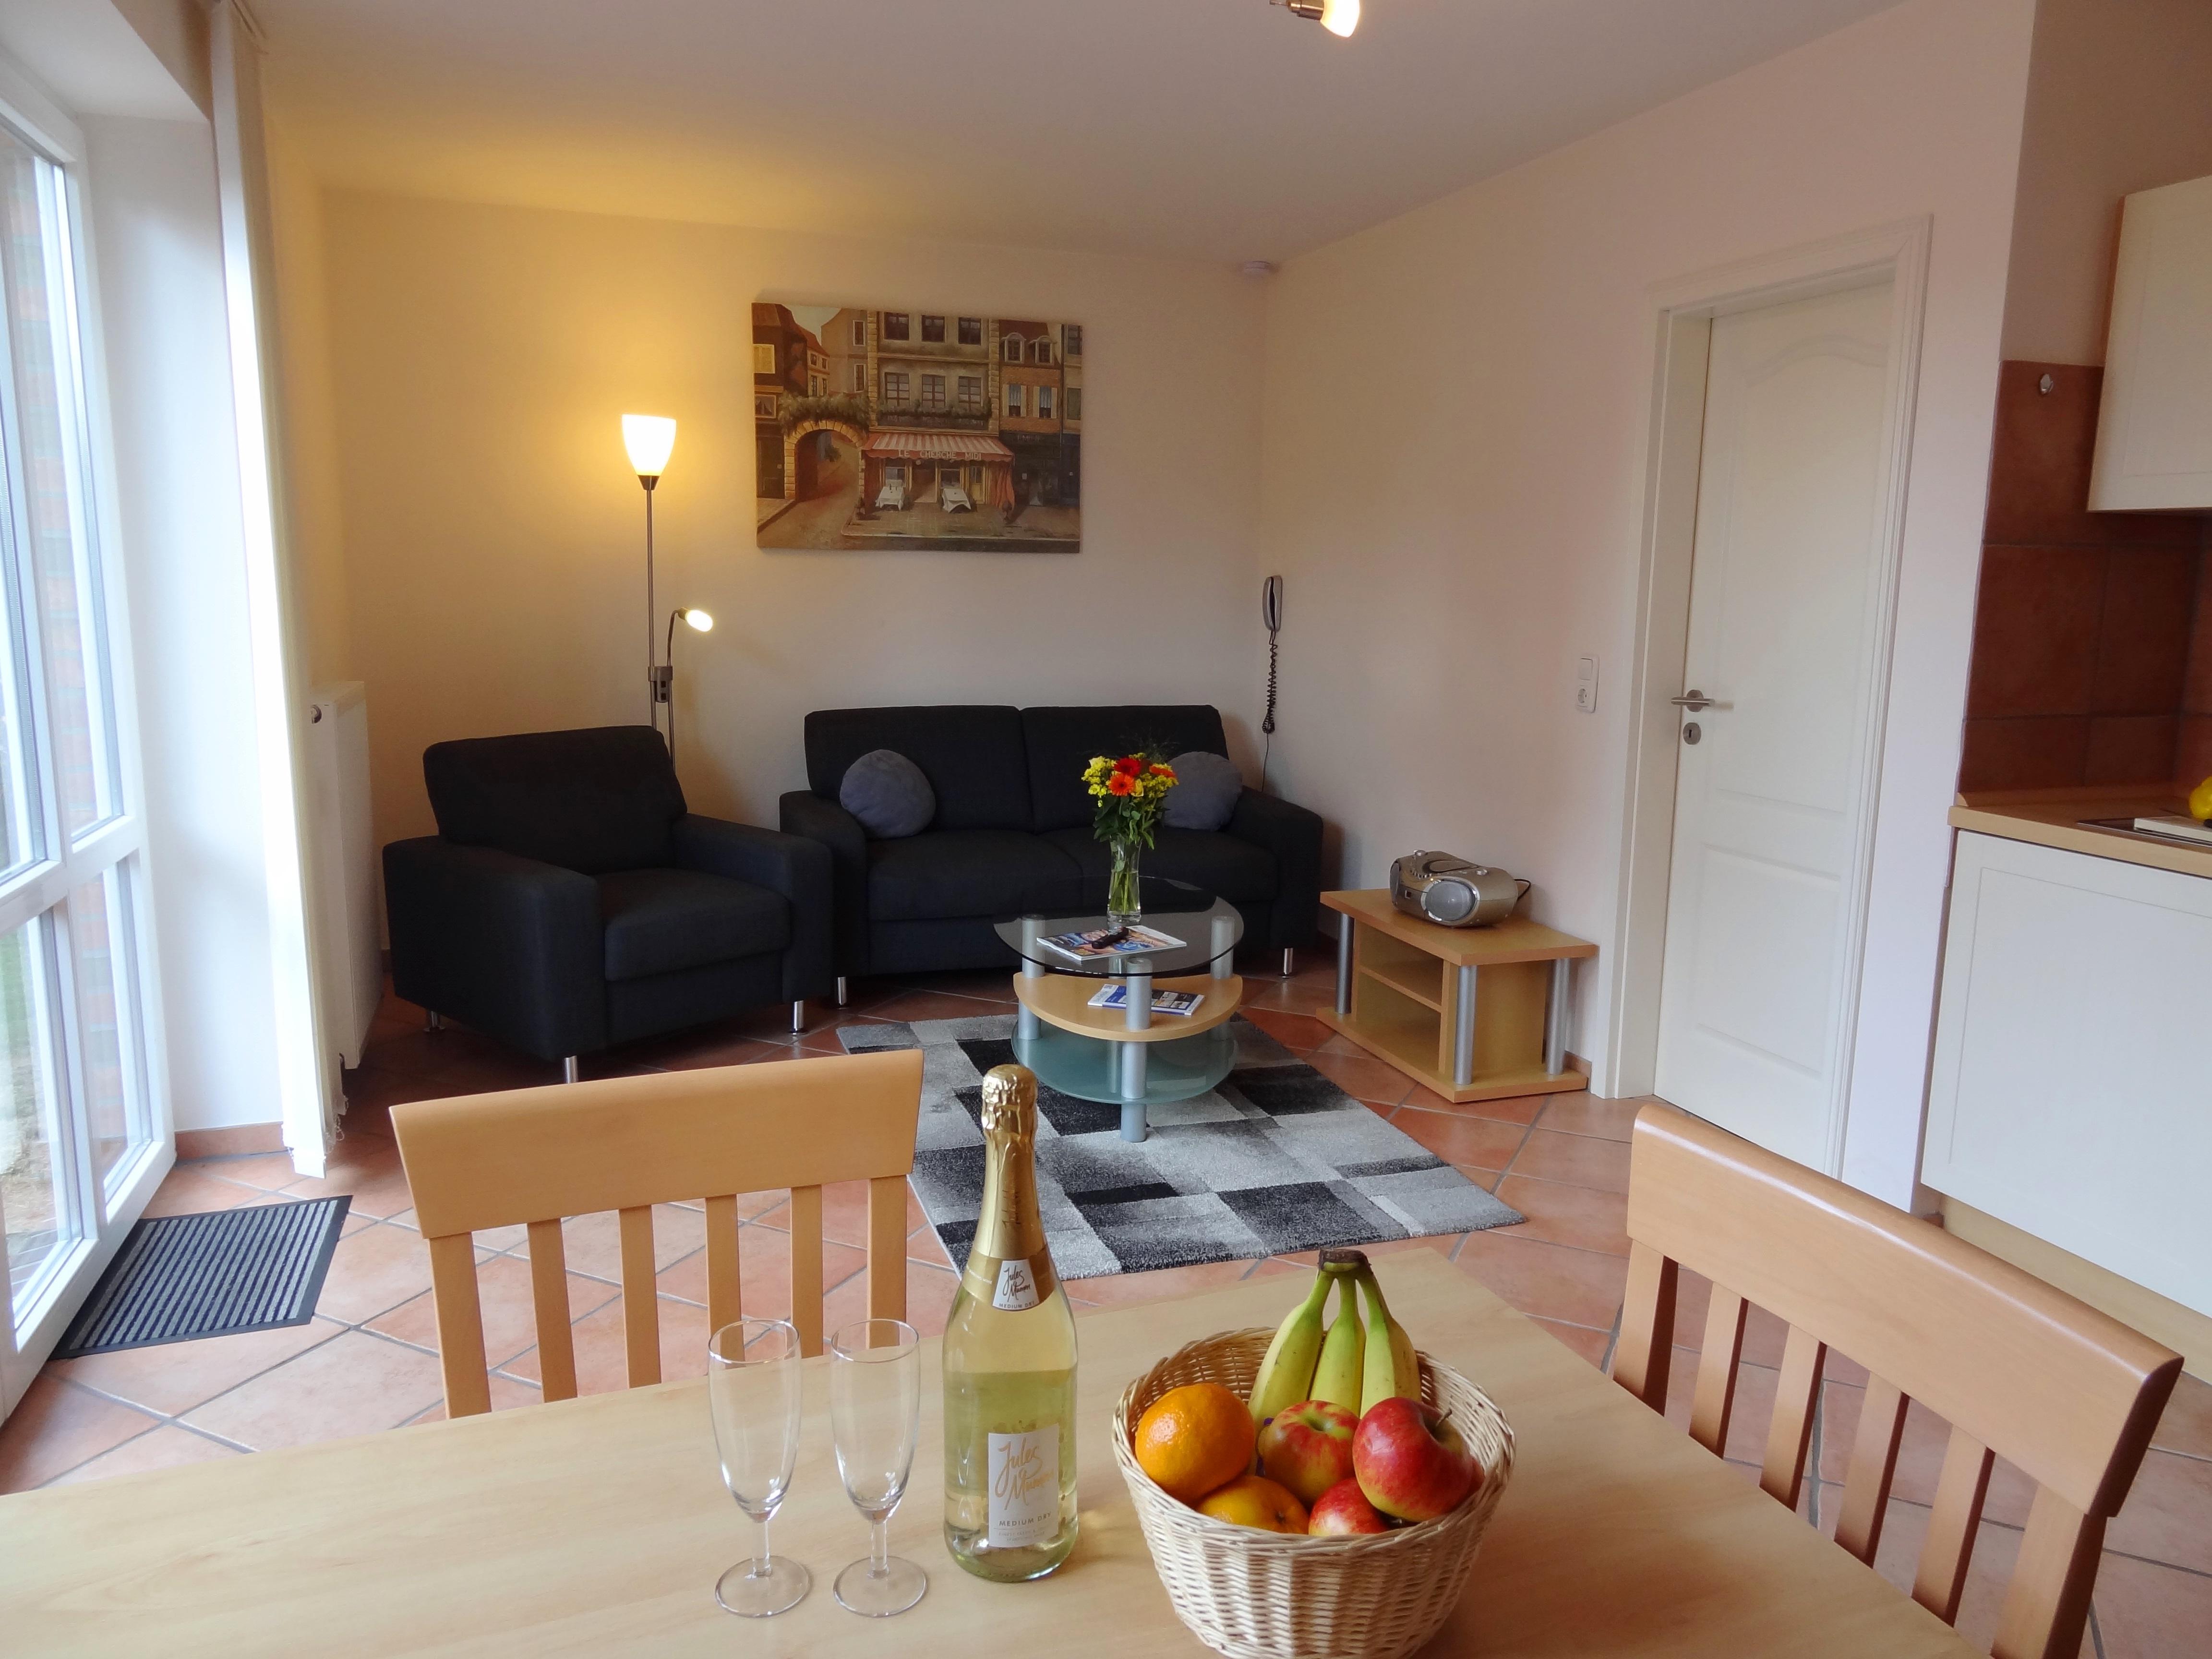 Wohnzimmer mit Essbereich der Ferienwohnung Hagen von Ferienwohnungen Hass auf Fehmarn